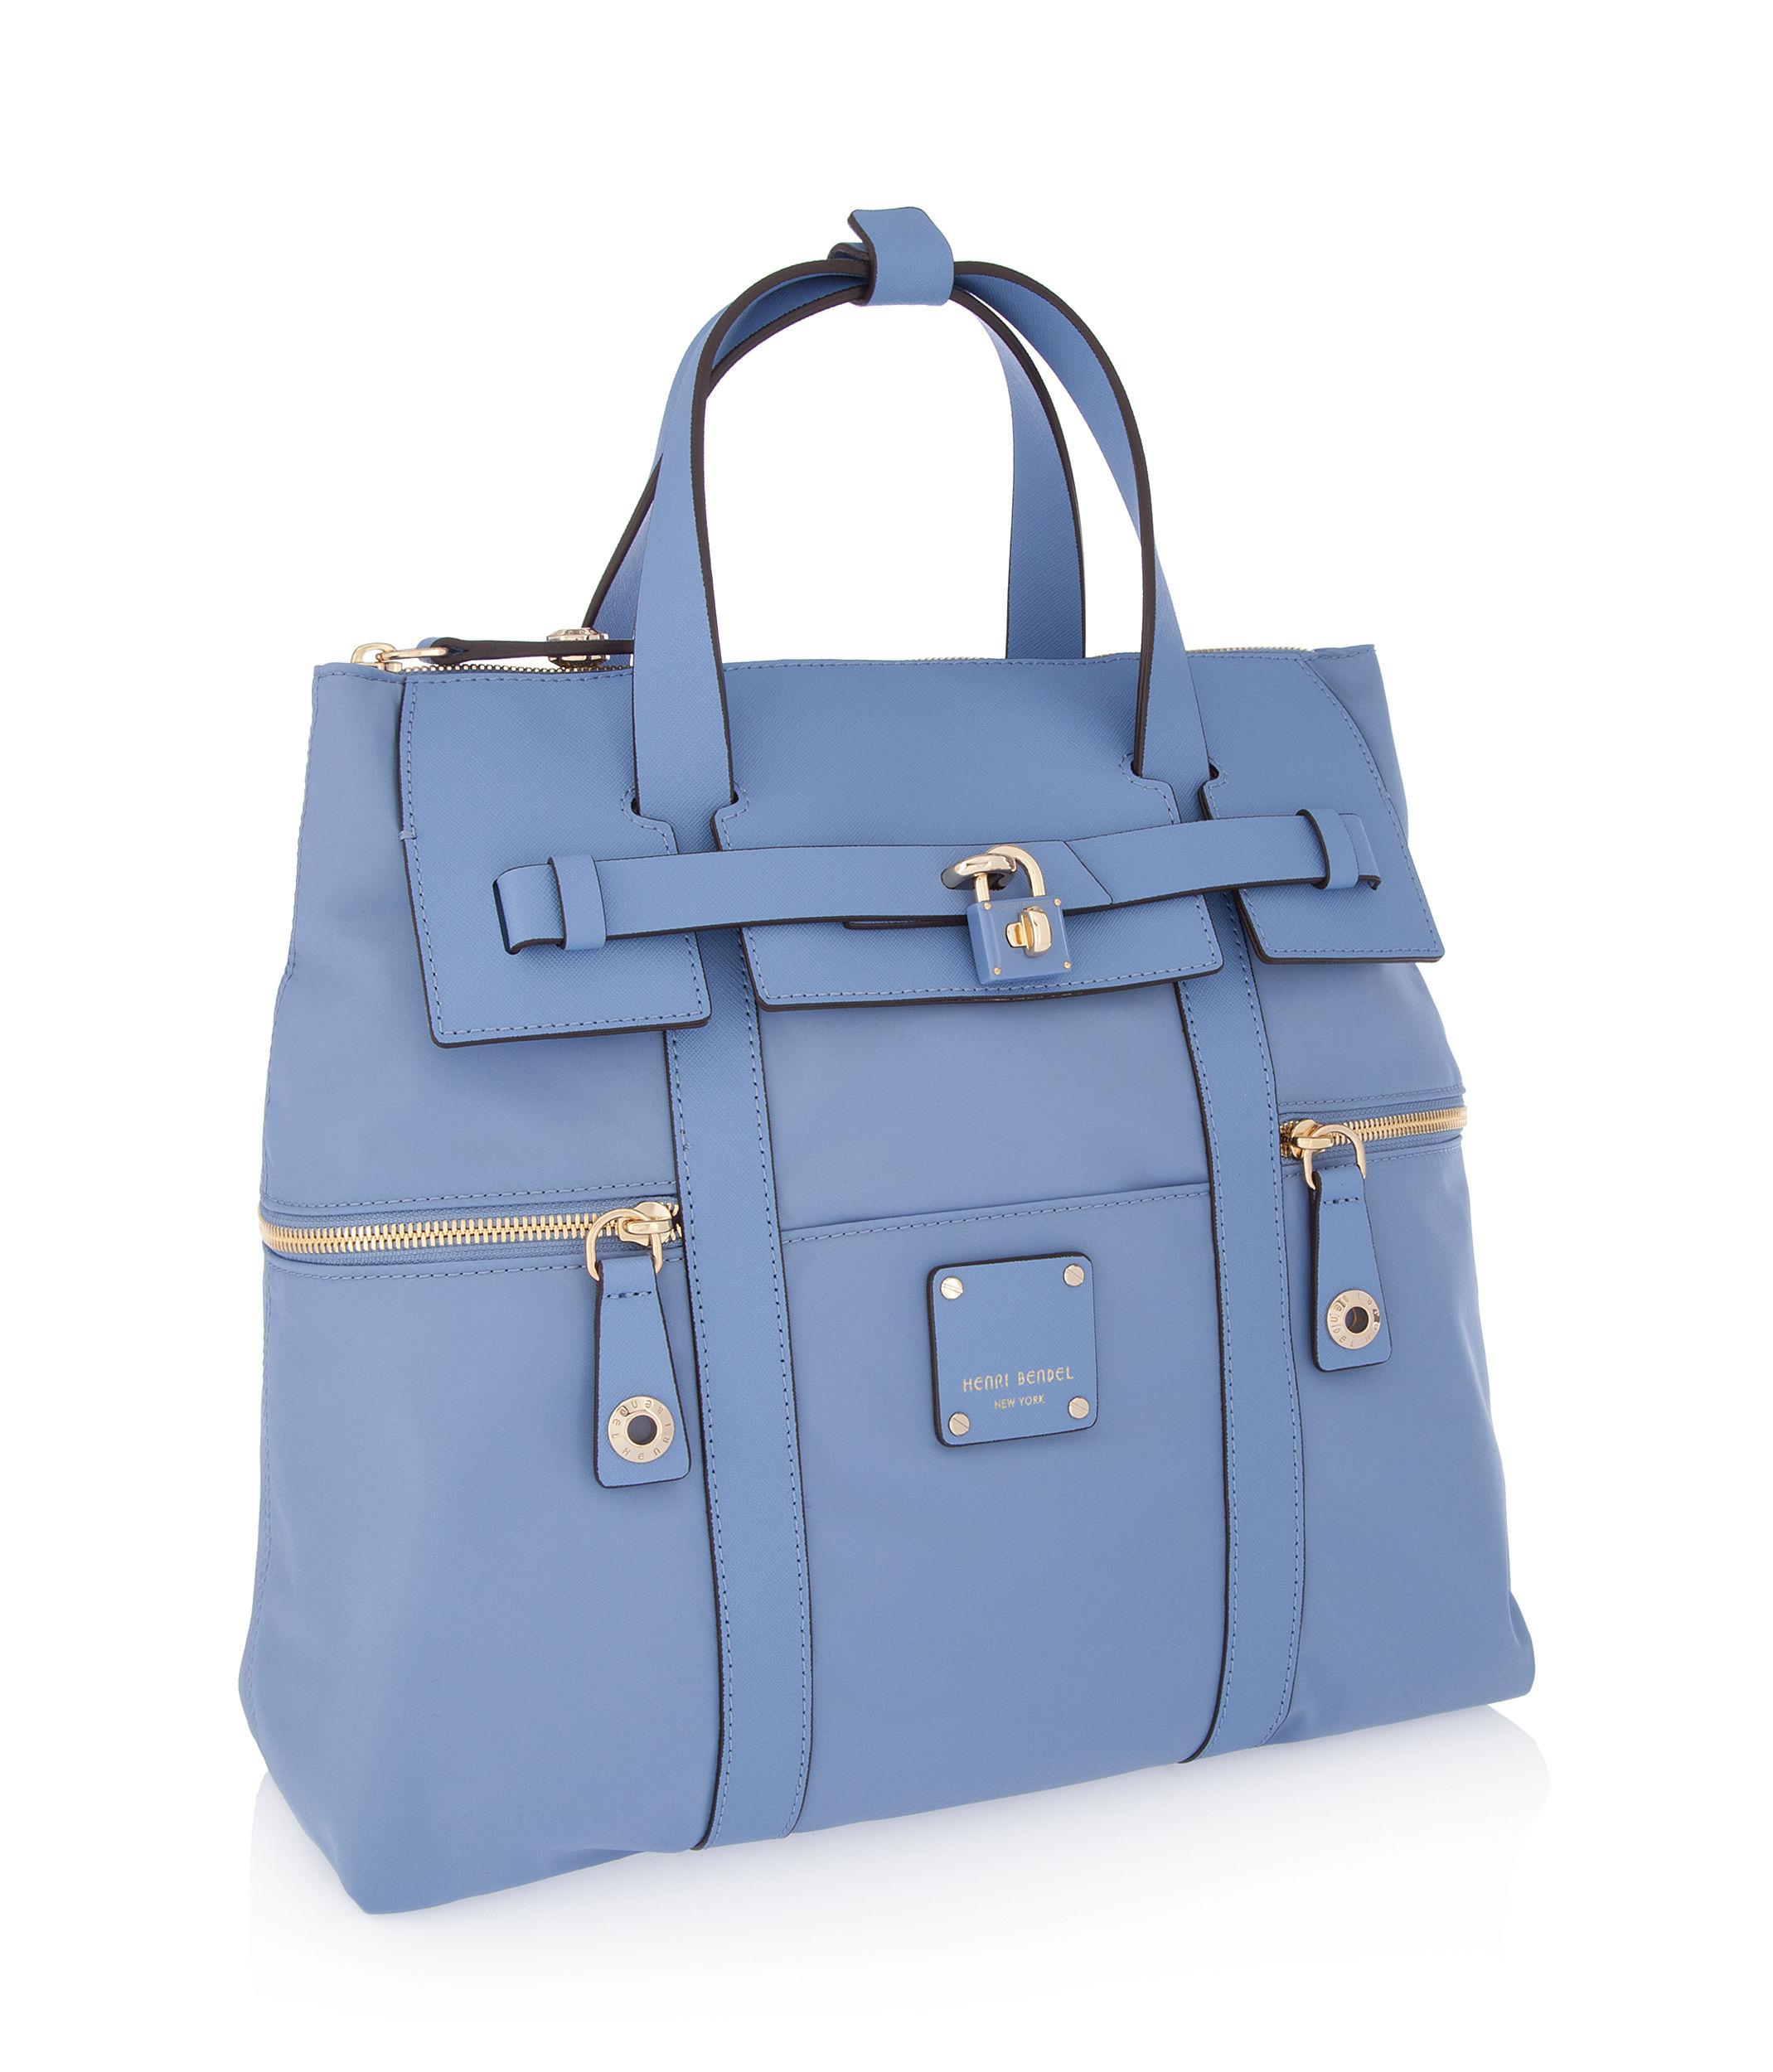 ヘンリベンデルHenri Bendelの正規通販店舗ですバッグや財布などが人気でゴシップガールでも話題を集めた